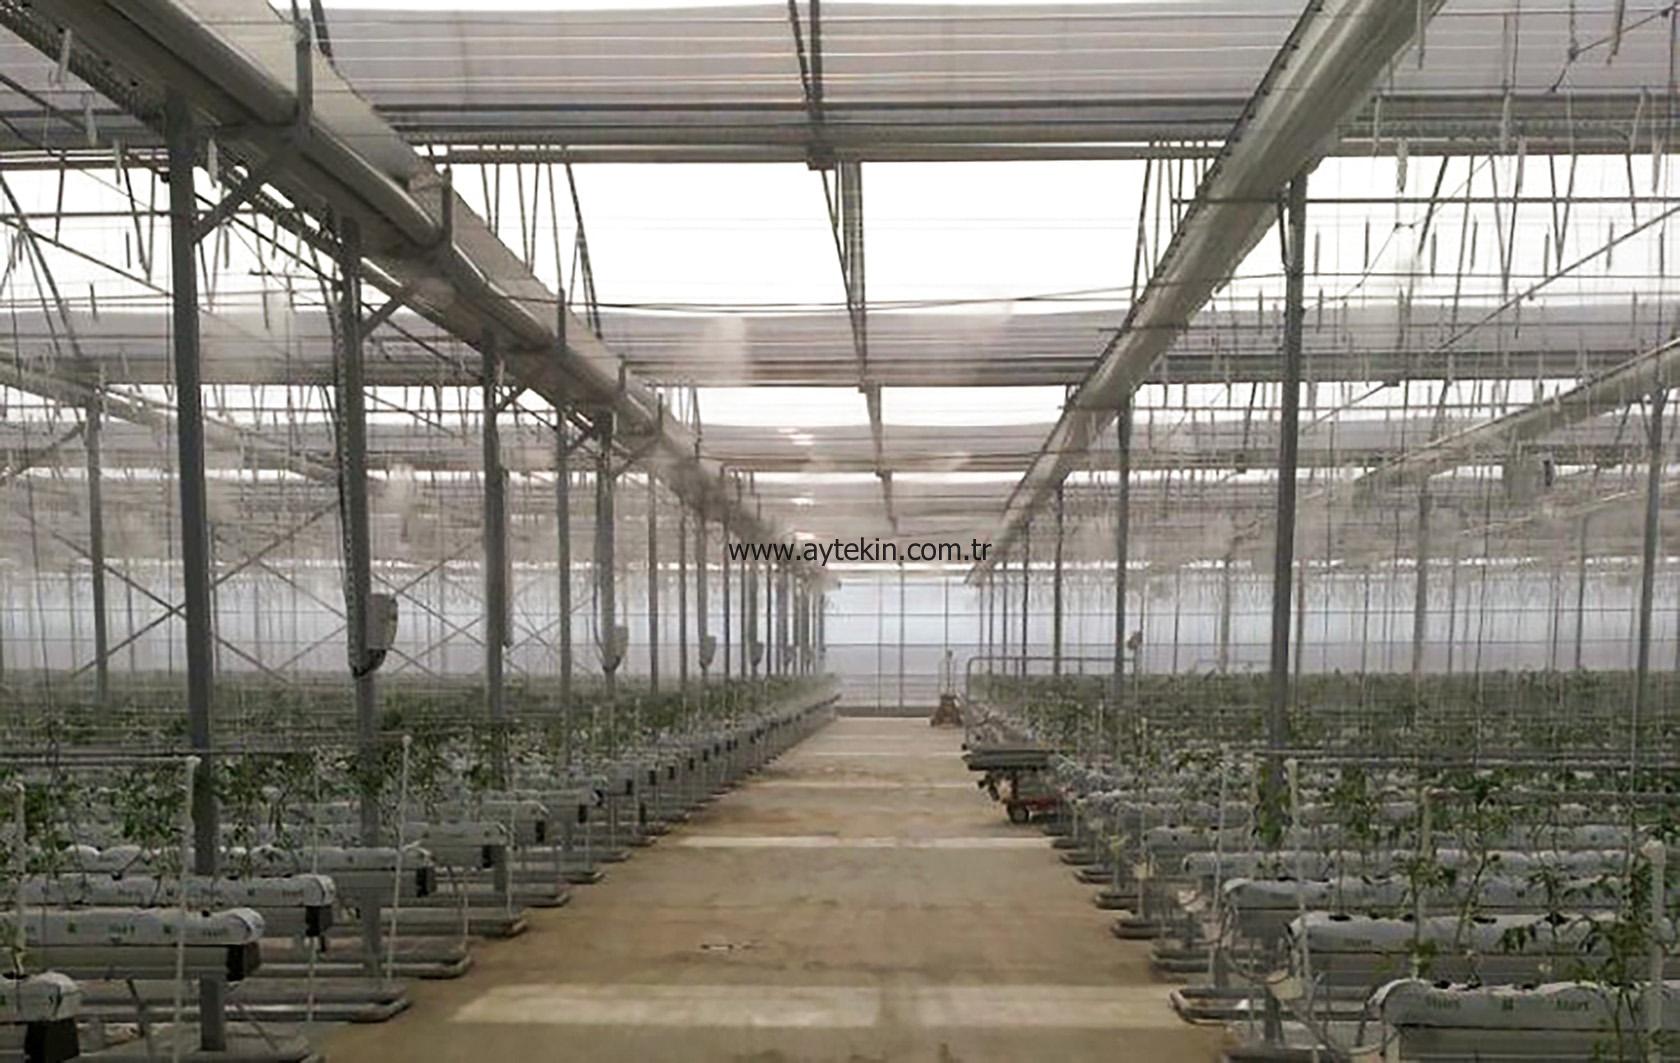 greenhouse company azerbaijan